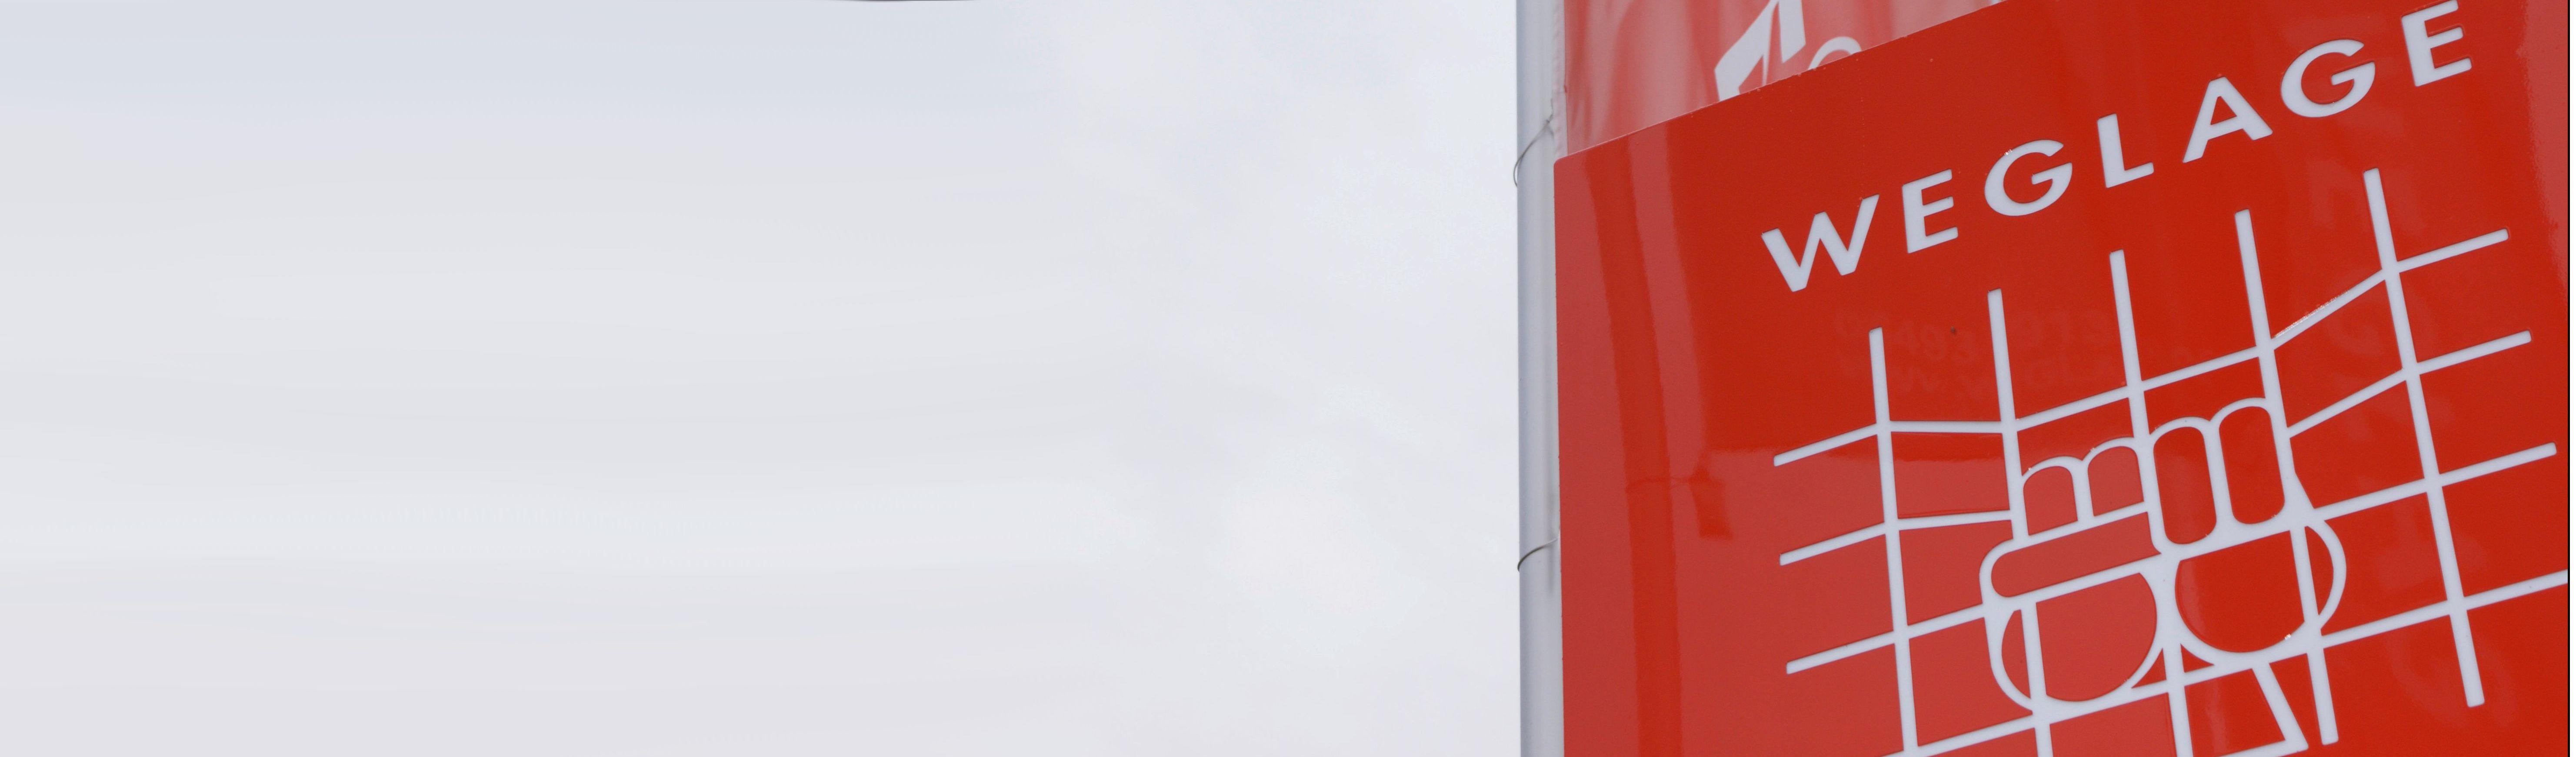 Weglage-Logo auf Pylon und Fahne im Hintergrund